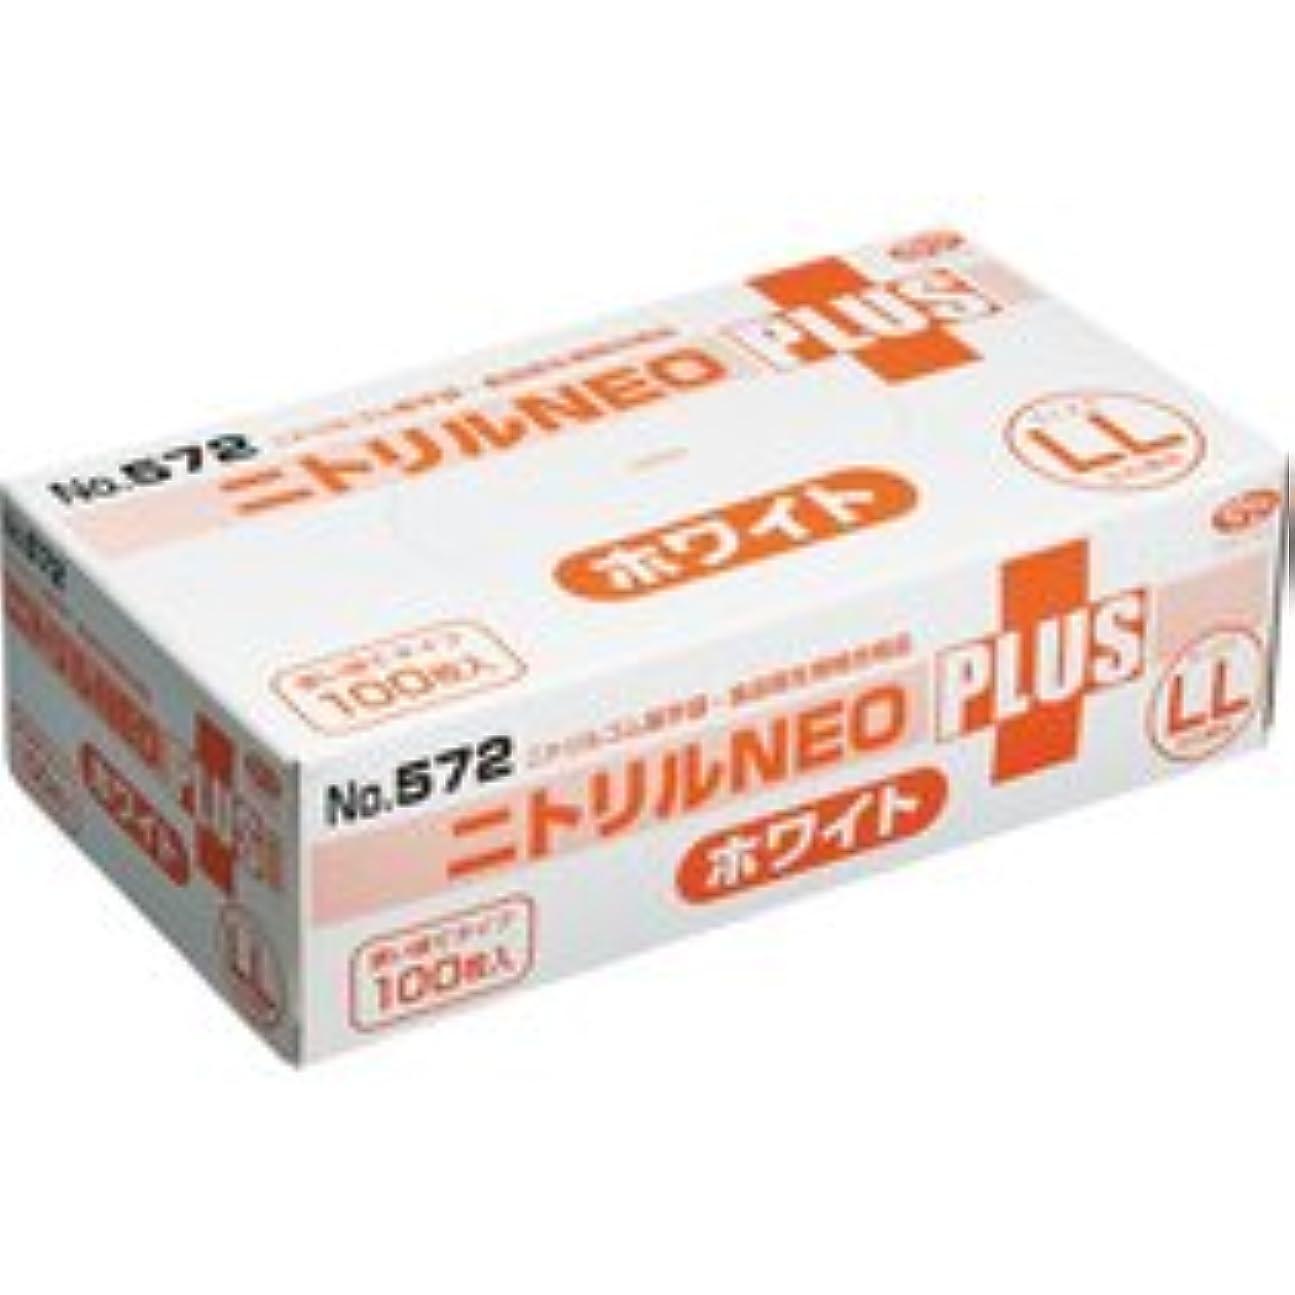 刺激する砂利カタログエブノ ニトリルNEOプラス パウダーイン ホワイト LL NO-572 1箱(100枚)